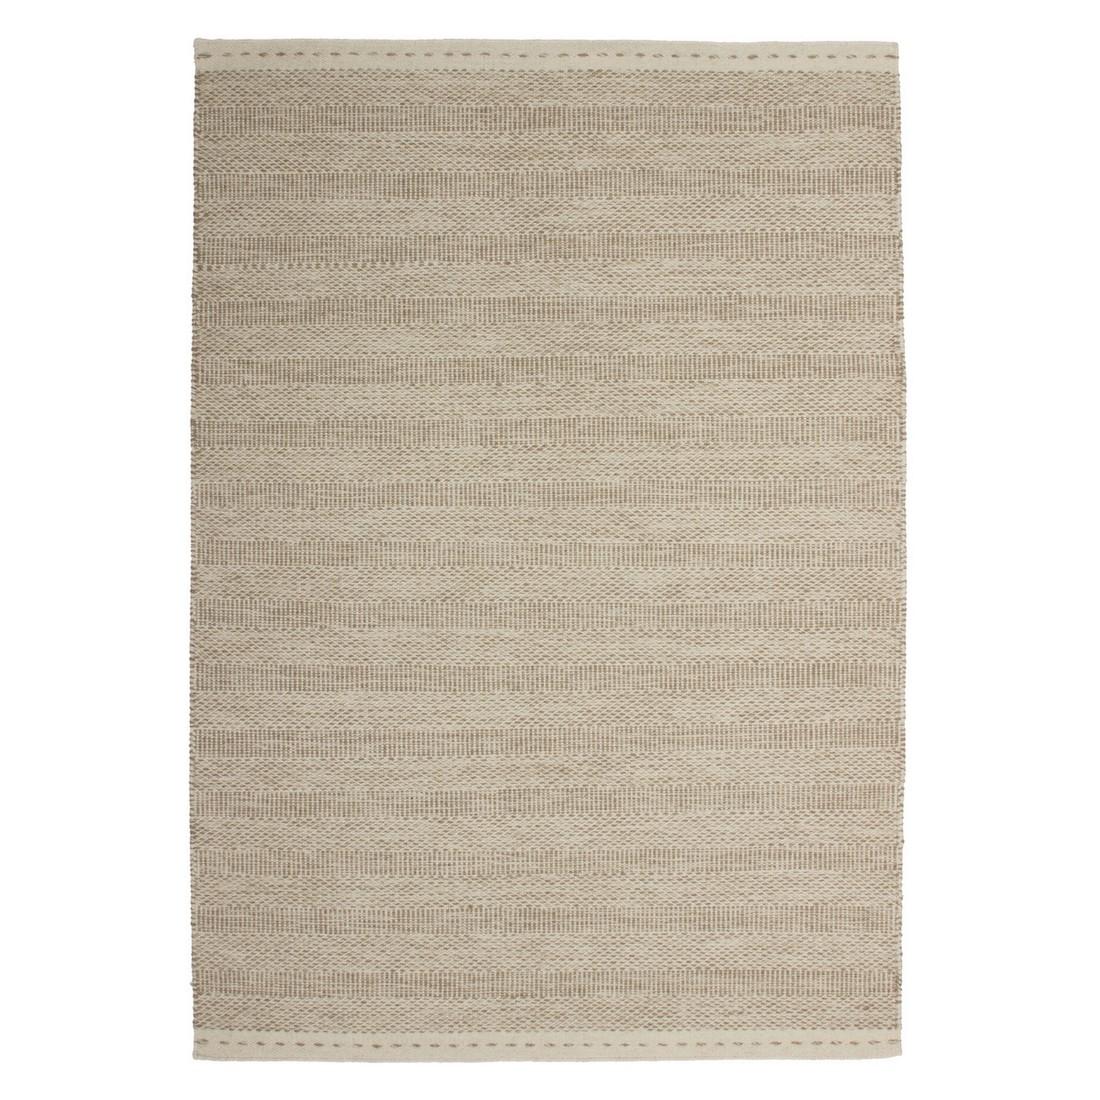 Teppich Bombay – Beige – 120 x 170 cm, Obsession online bestellen